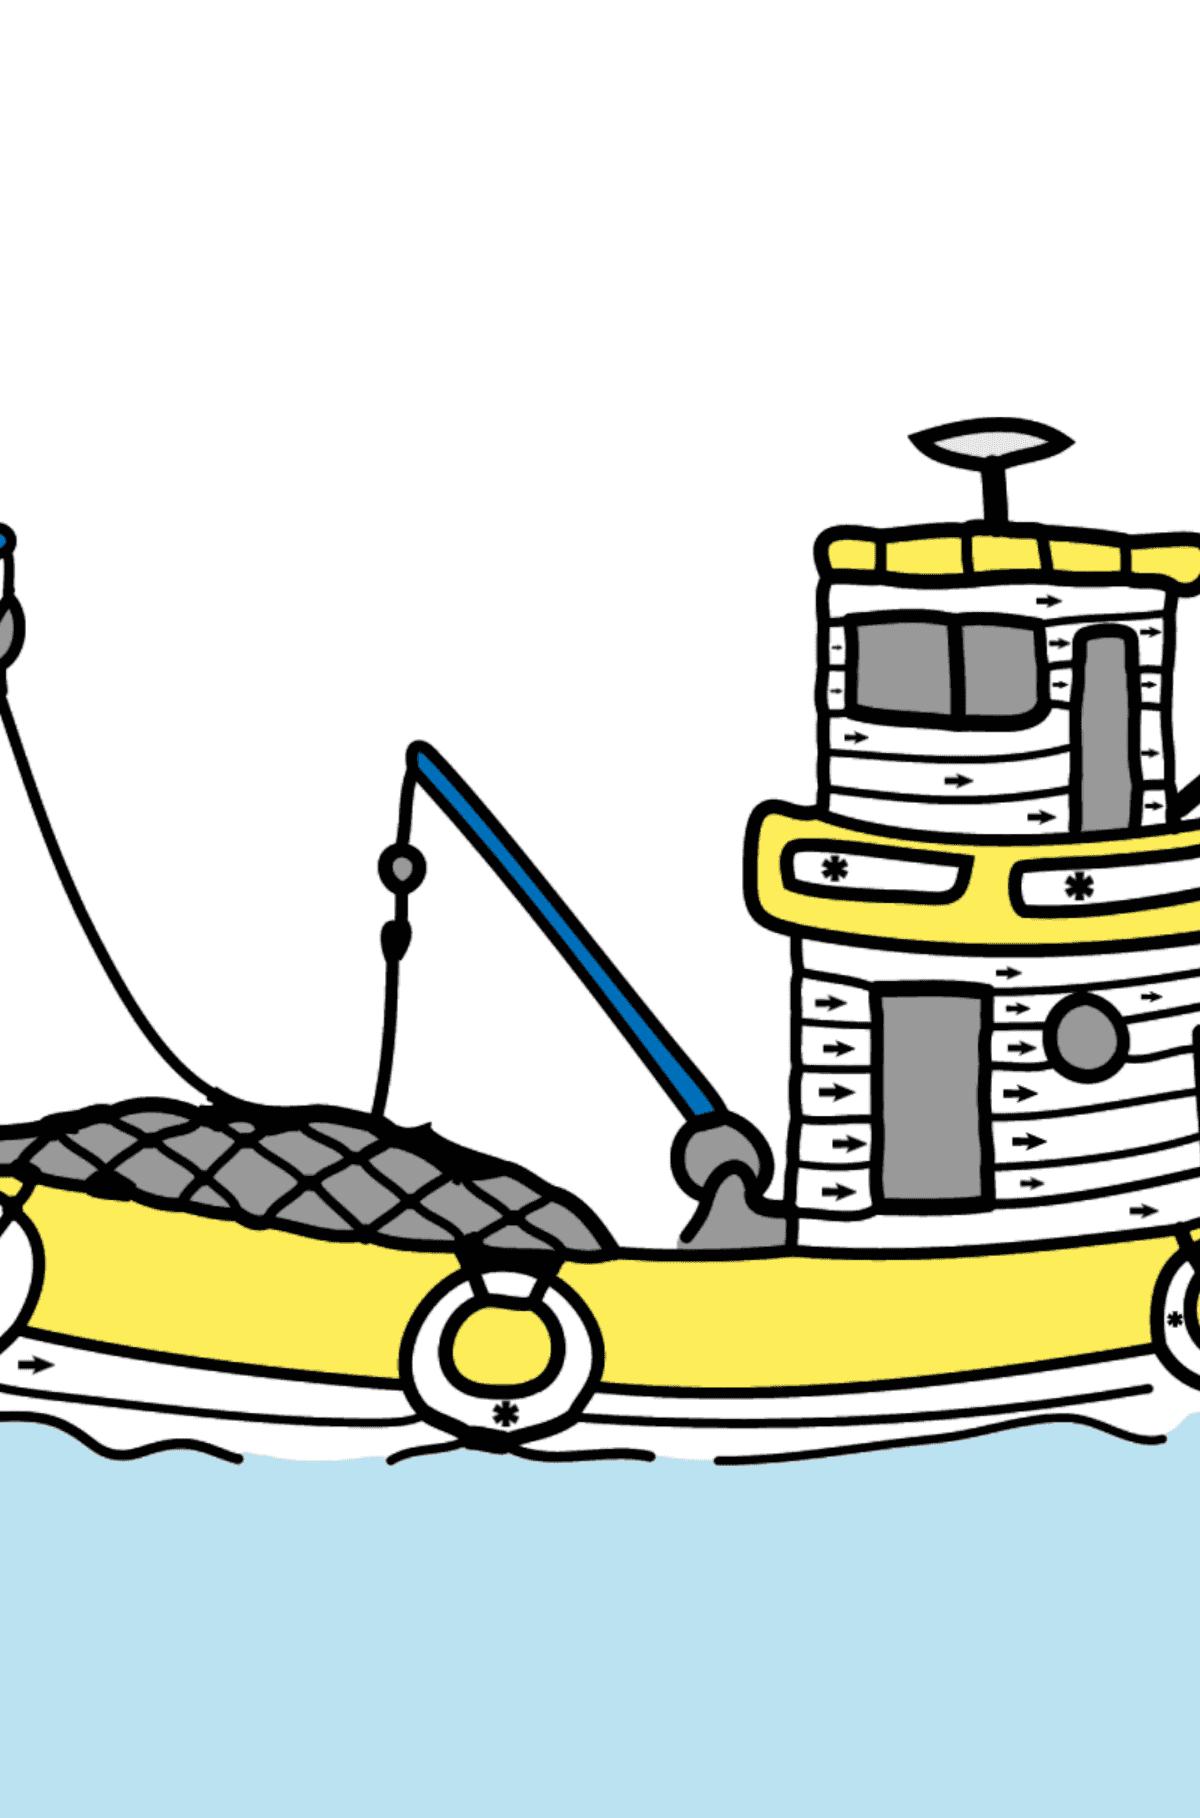 Раскраска рыбацкий корабль - Раскраска по Символам для Детей